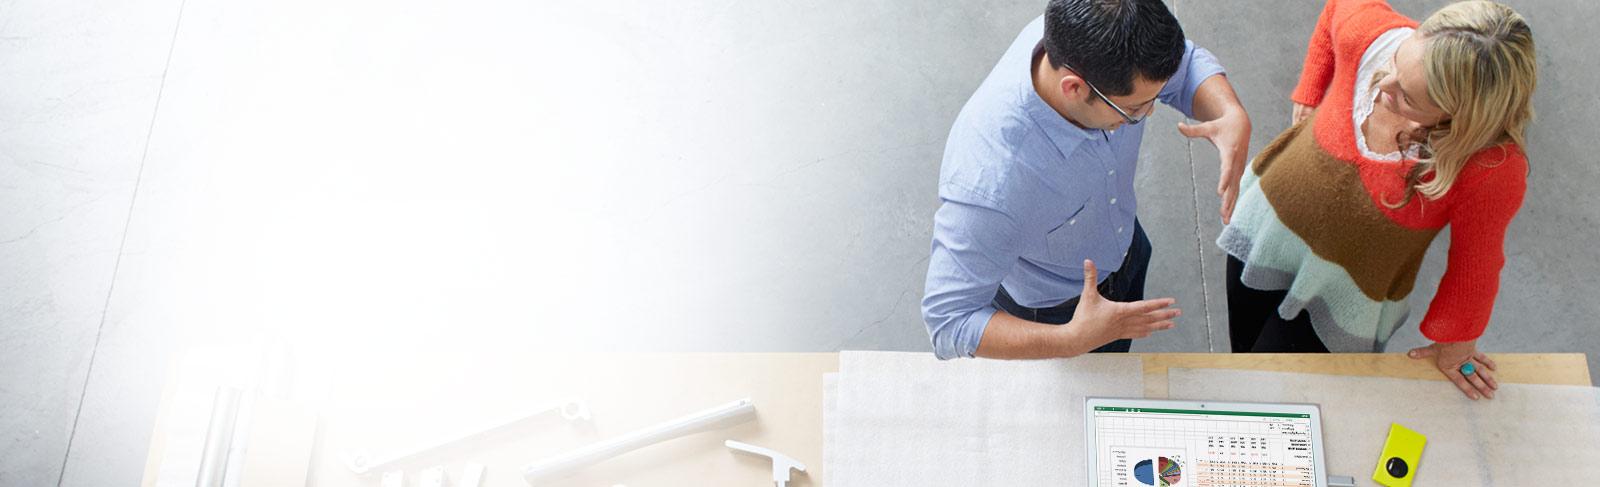 ड्राफ़्टिंग टेबल के पास खड़े होकर टैबलेट पर Office 365 ProPlus का उपयोग करता एक पुरुष और एक महिला.